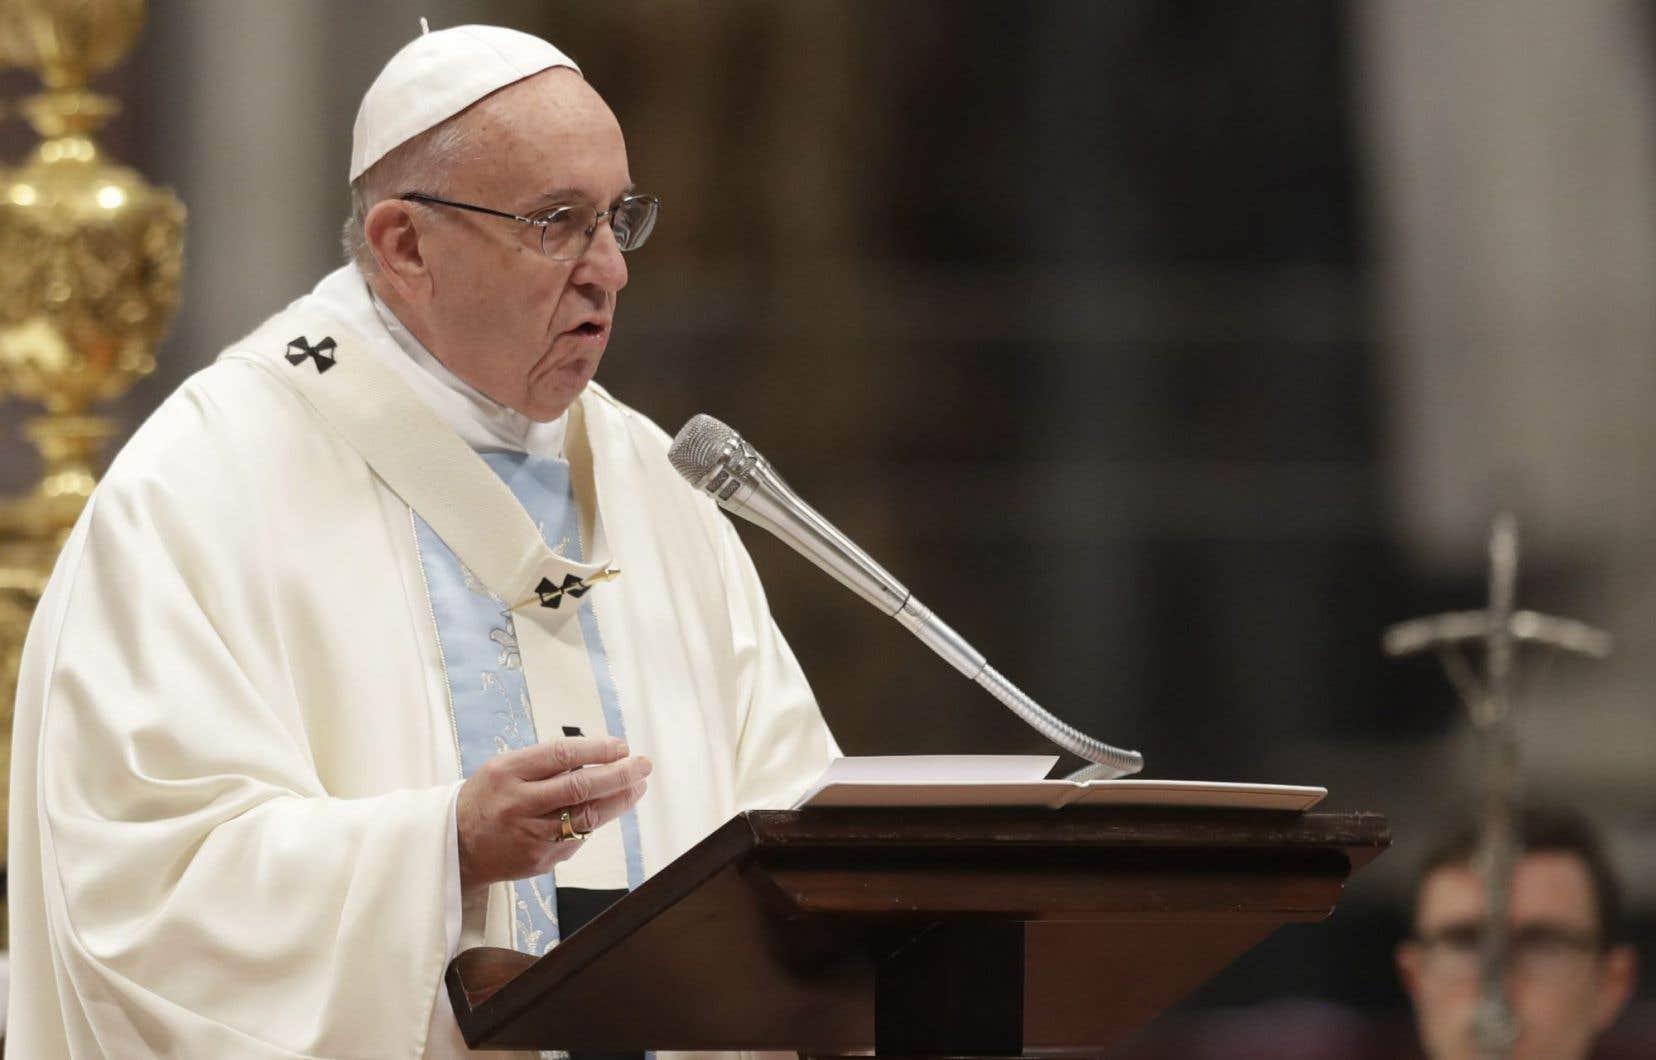 Le pape François a aussi plus généralement dénoncé dans sa missive «l'innocence brisée» des enfants.